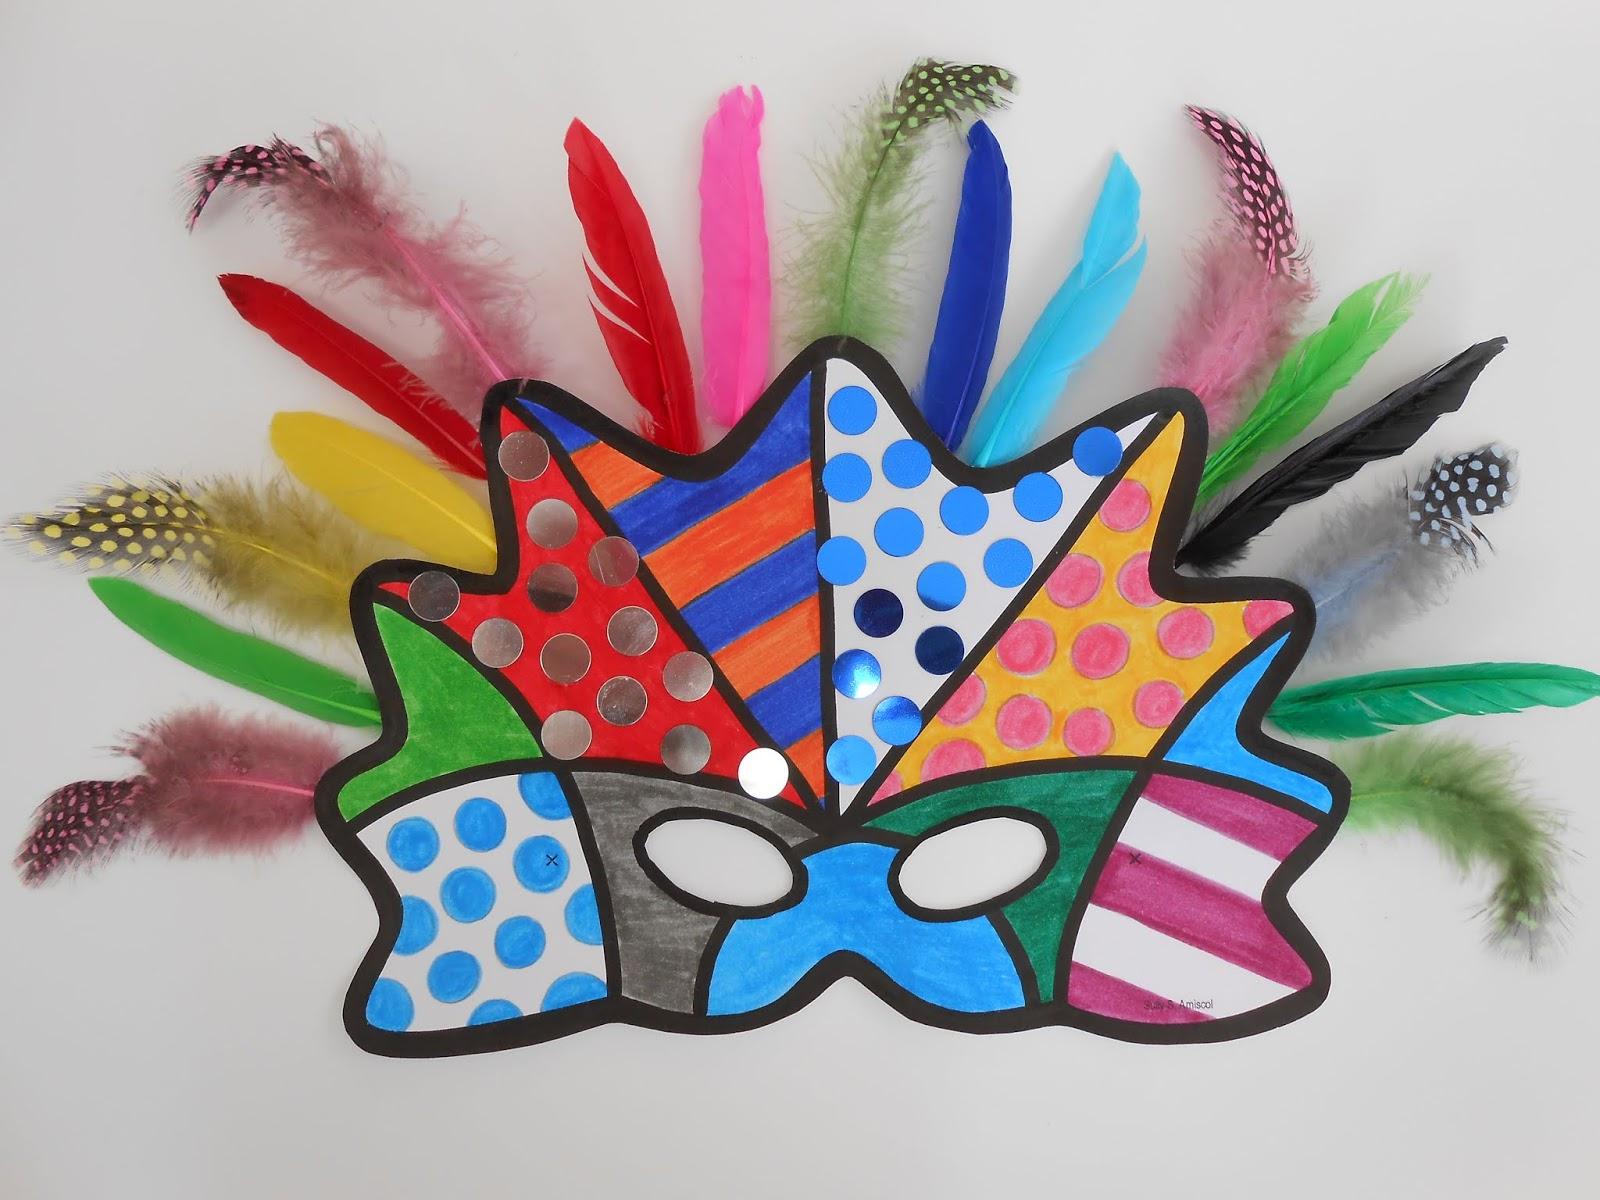 Amiscol: Masque De Carnaval Comme Romero Britto pour Masque Maternelle